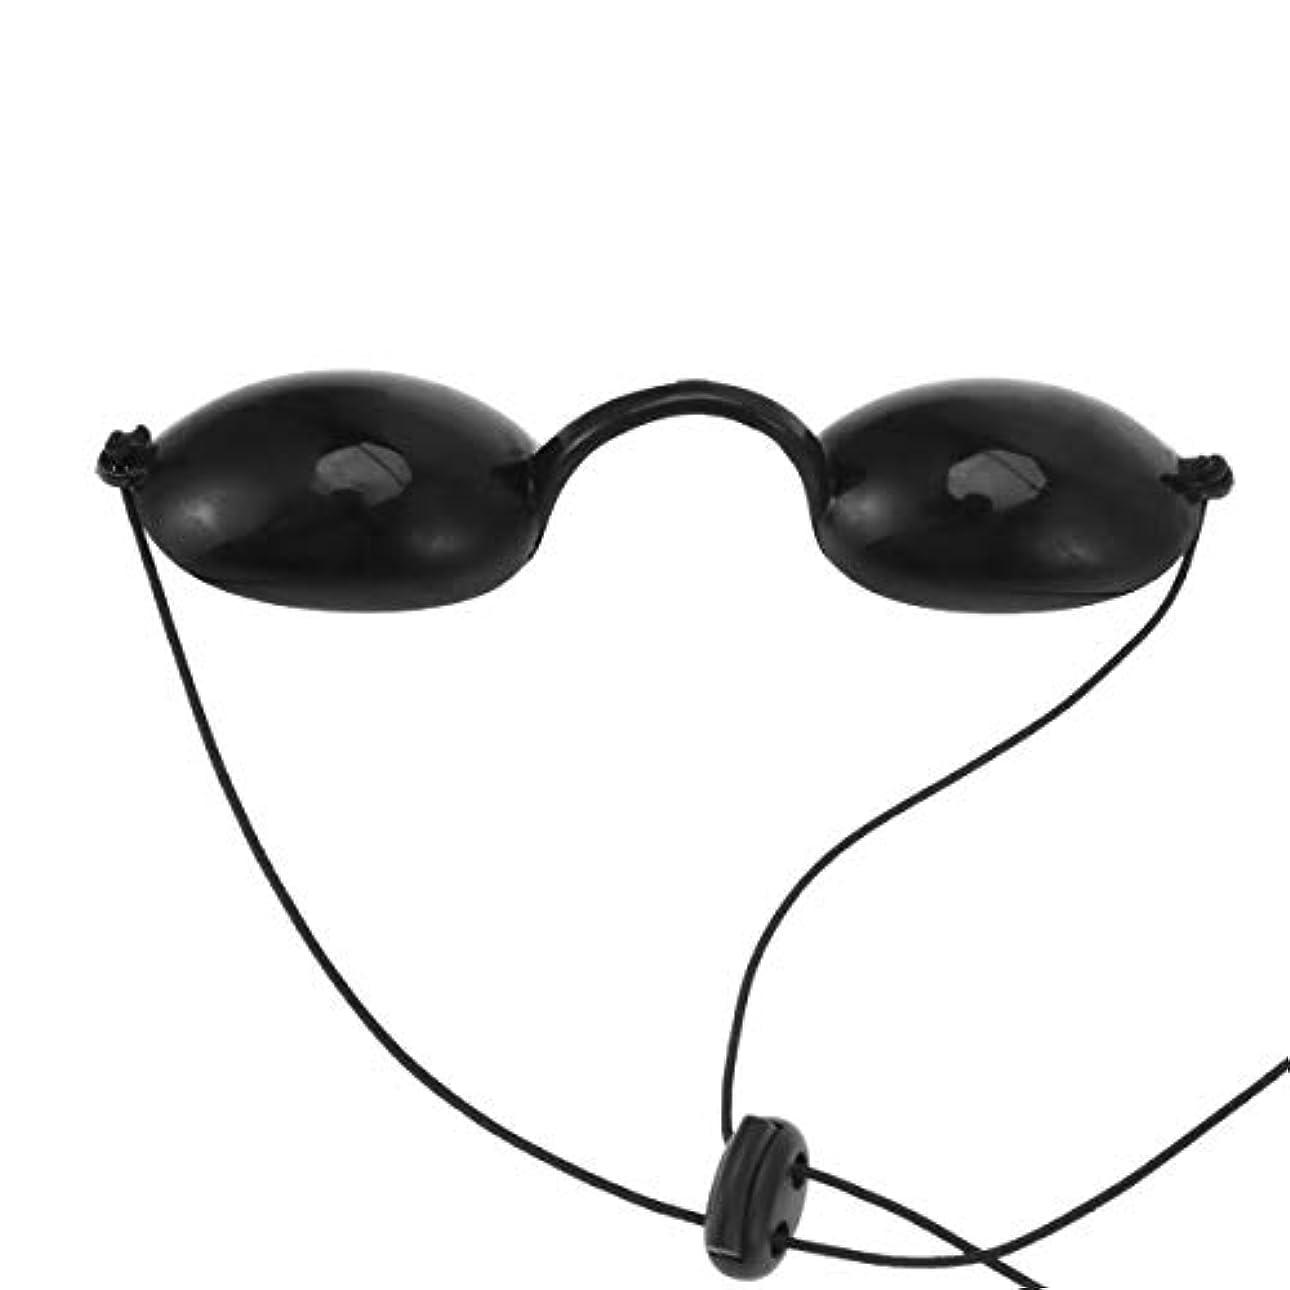 苦い最も遠い発表するSUPVOX成人日焼けゴーグルUVプロテクションアイパッチライトセラピーメガネアイカラー(ブラック)